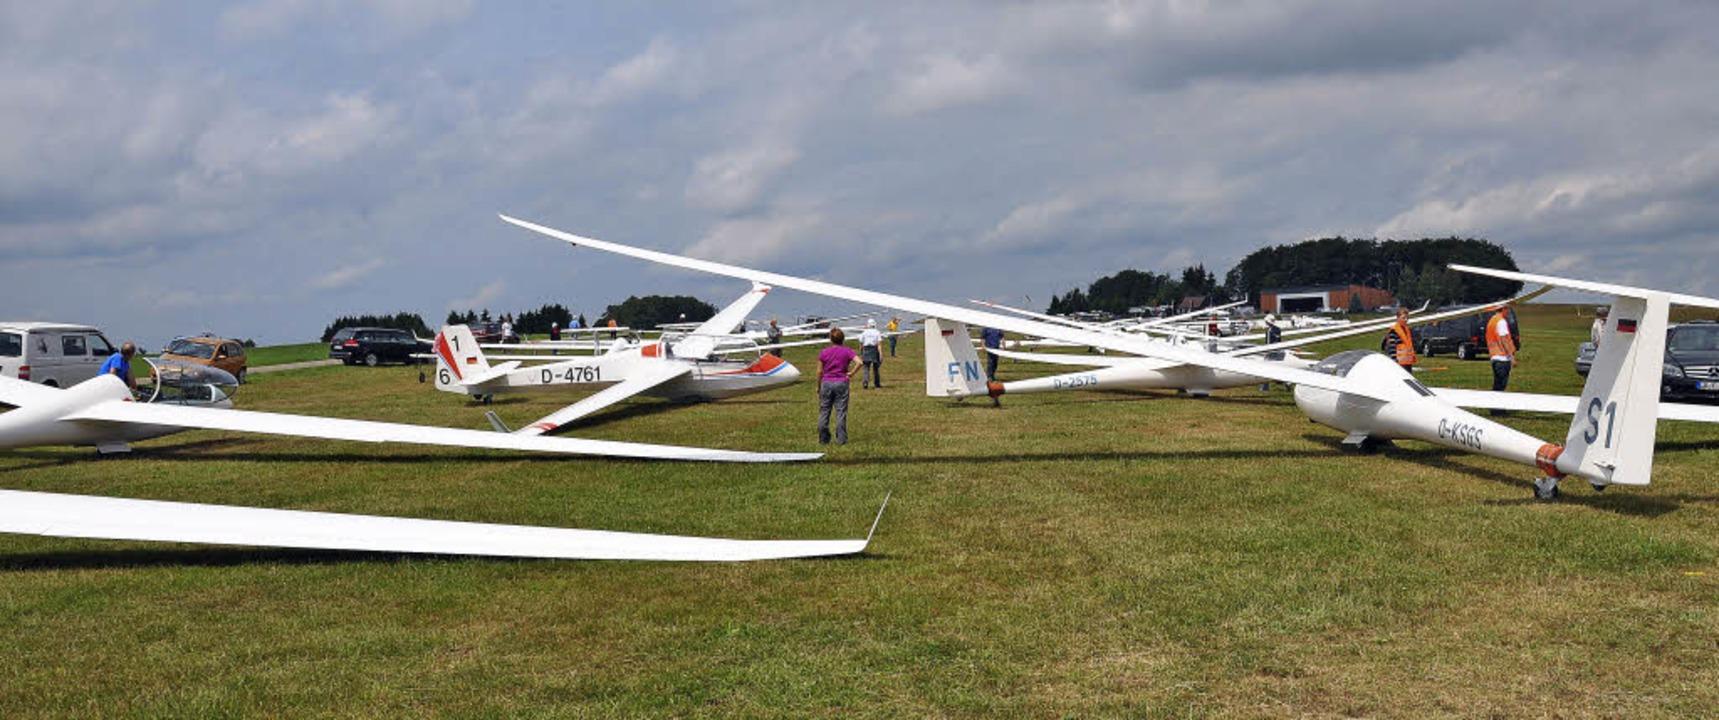 Start frei für die Segelflieger in Hütten am Wochenende  | Foto: zvg